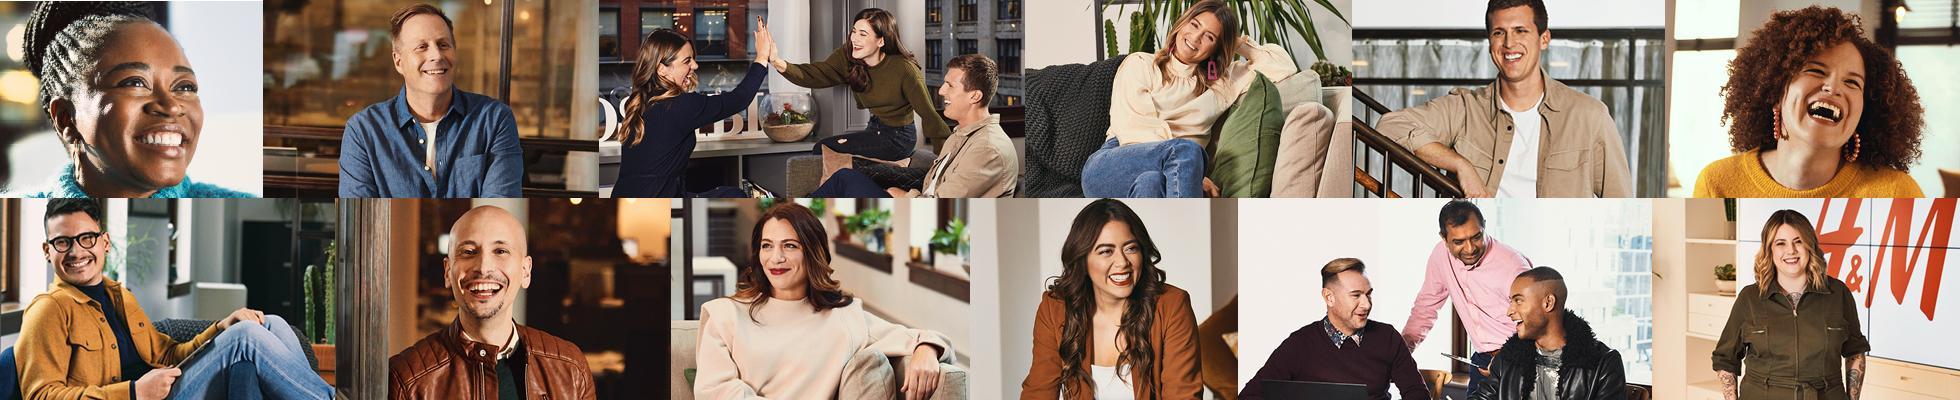 lamentar Extinto árabe  Trabajar en H&M: 610 valoraciones | Indeed.com